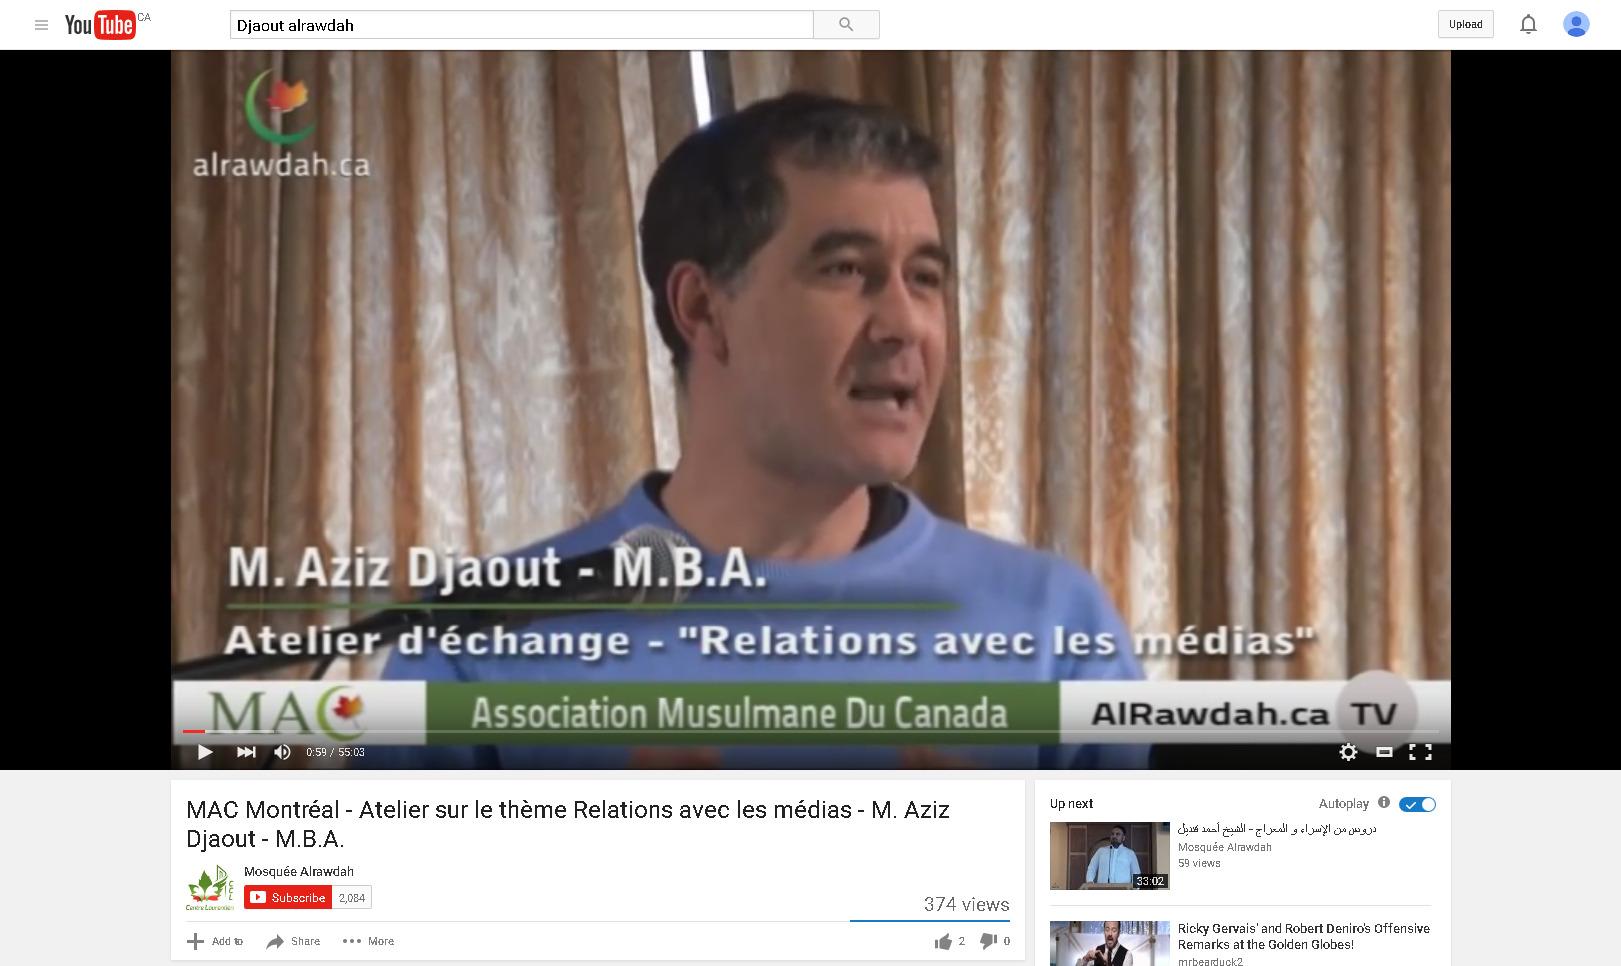 MAC Montréal - Atelier sur le thème Relations avec les médias - M. Aziz Djaout - M.B.A. - YouTube 2016-01-28 10-59-40